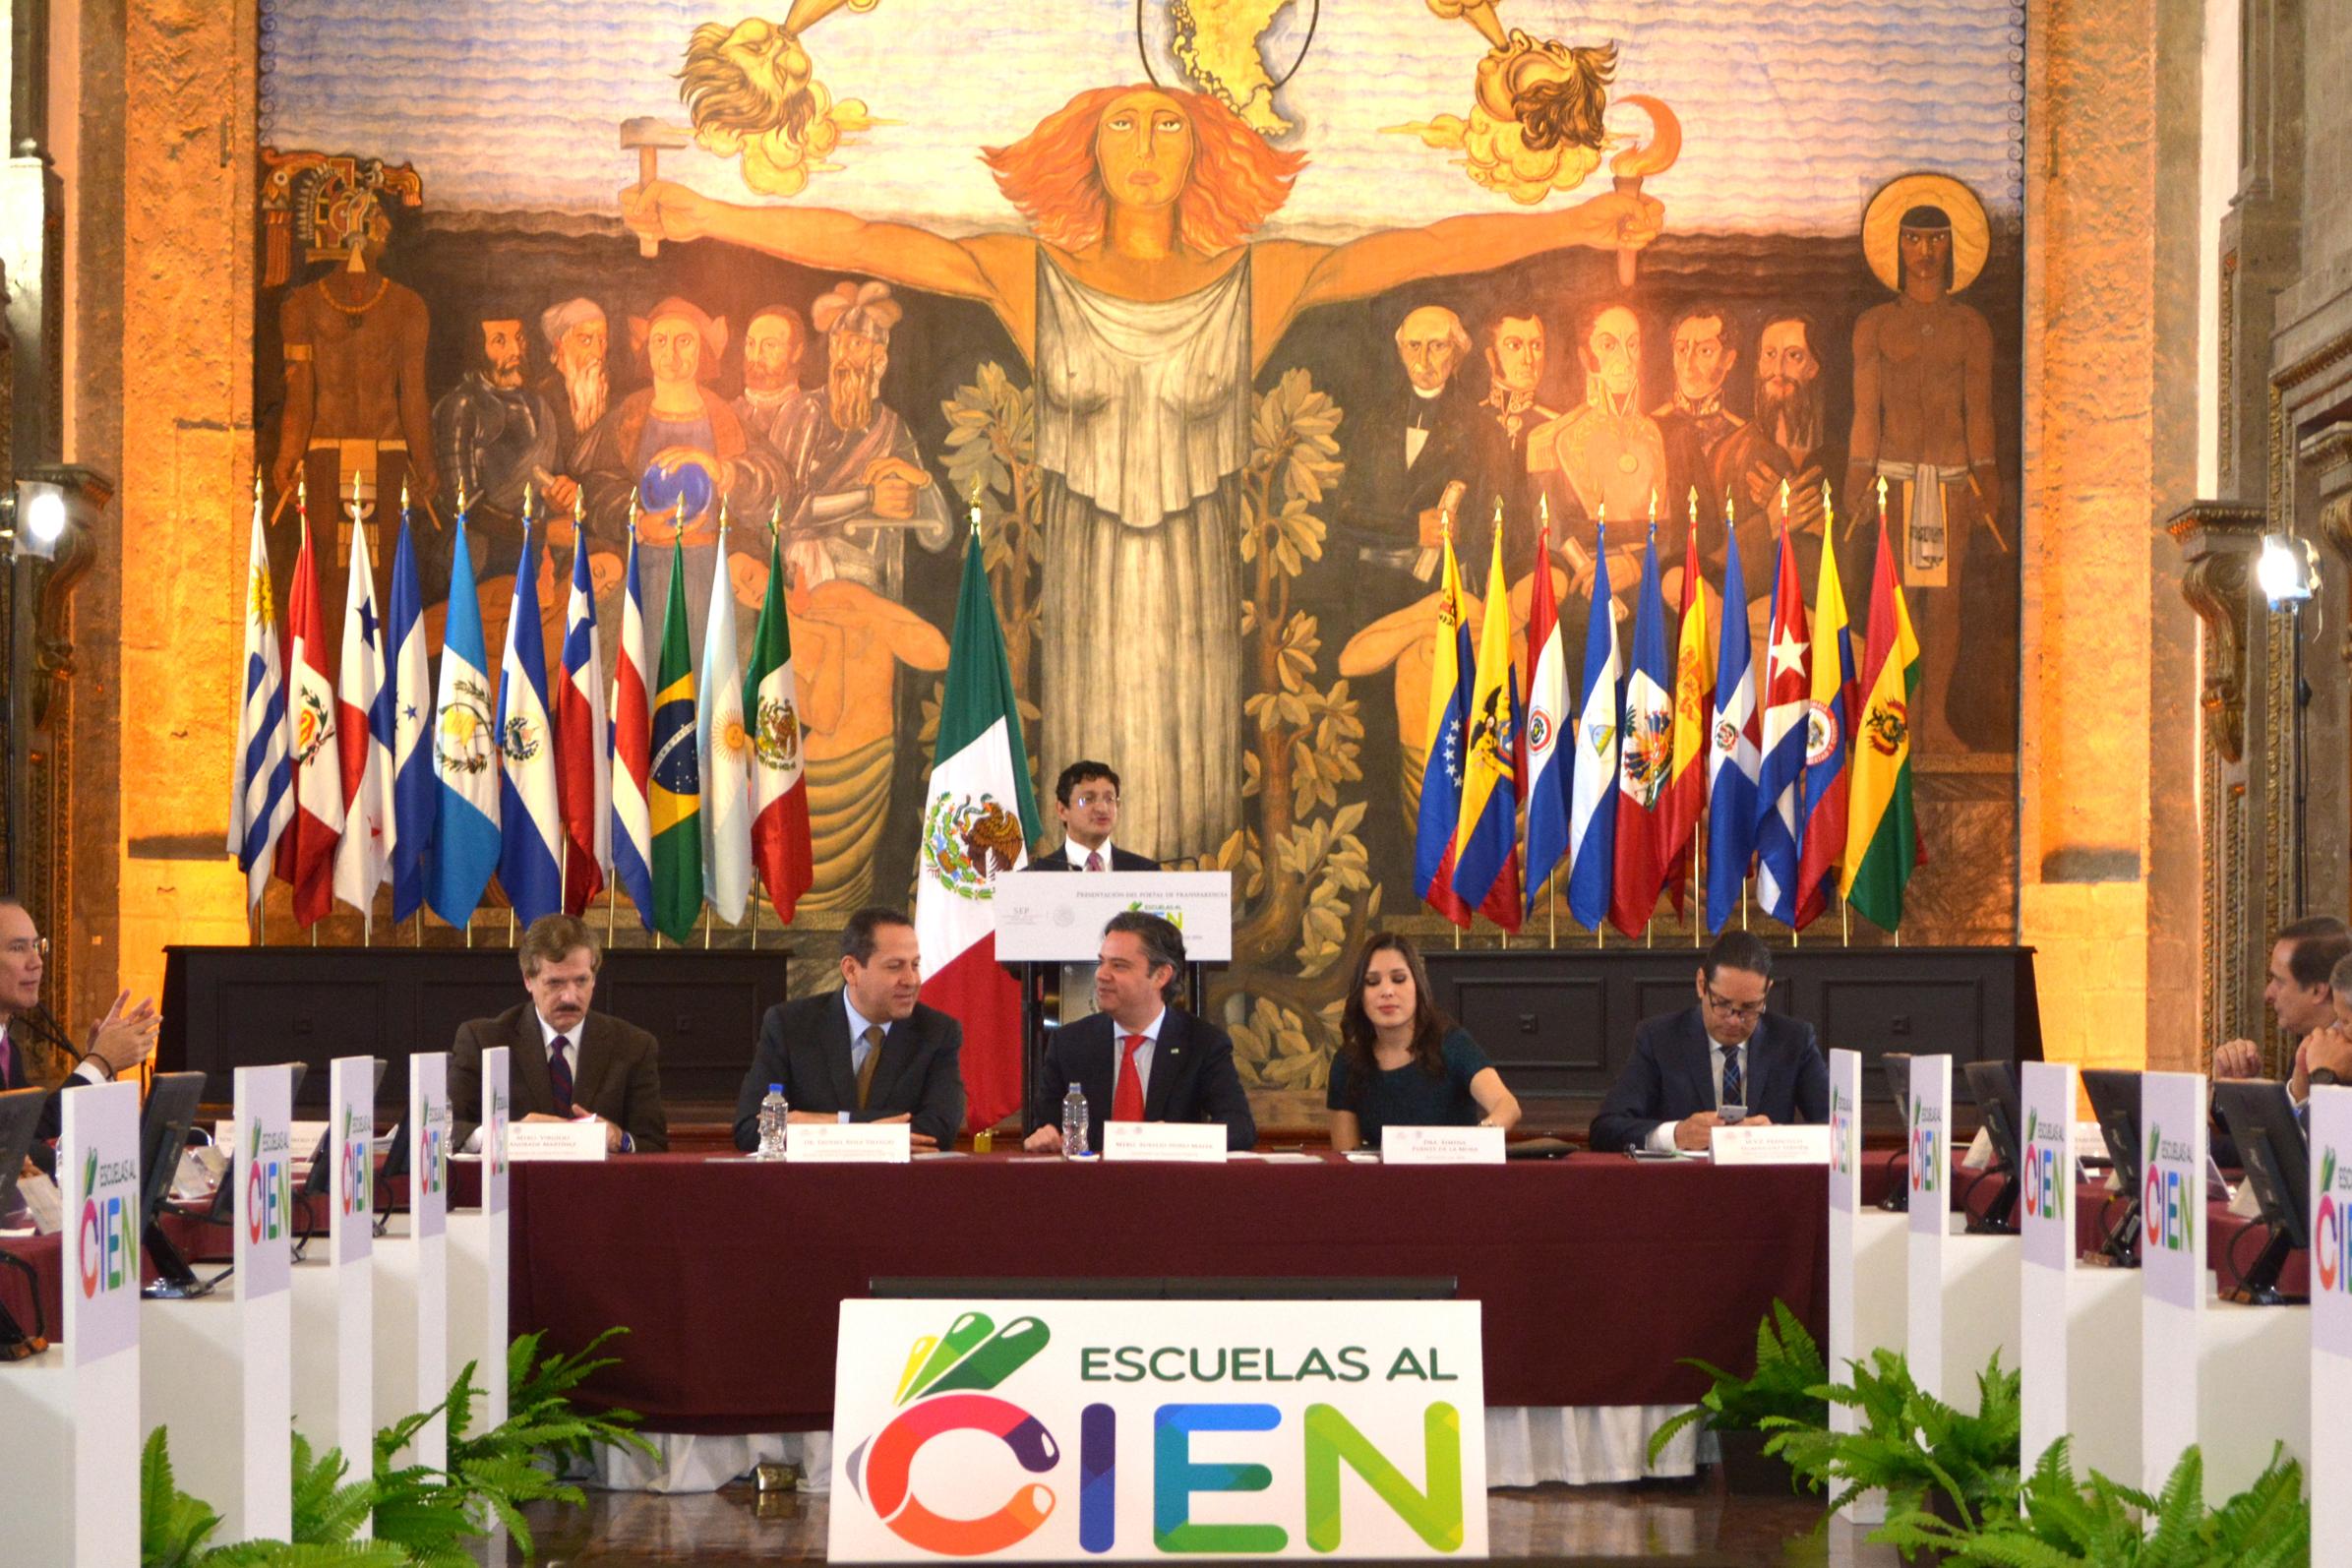 El Secretario Virgilio Andrade, (frente a él de izq. a der.)  Juan Carlos Romero (Senador), Eruviel Ávila (Gob. del Edo. de México), Aurelio Nuño (Secretario de la SEP), Ximena Puente (Presidenta del INAI) y Francisco Domínguez (Gob. de Querétaro).